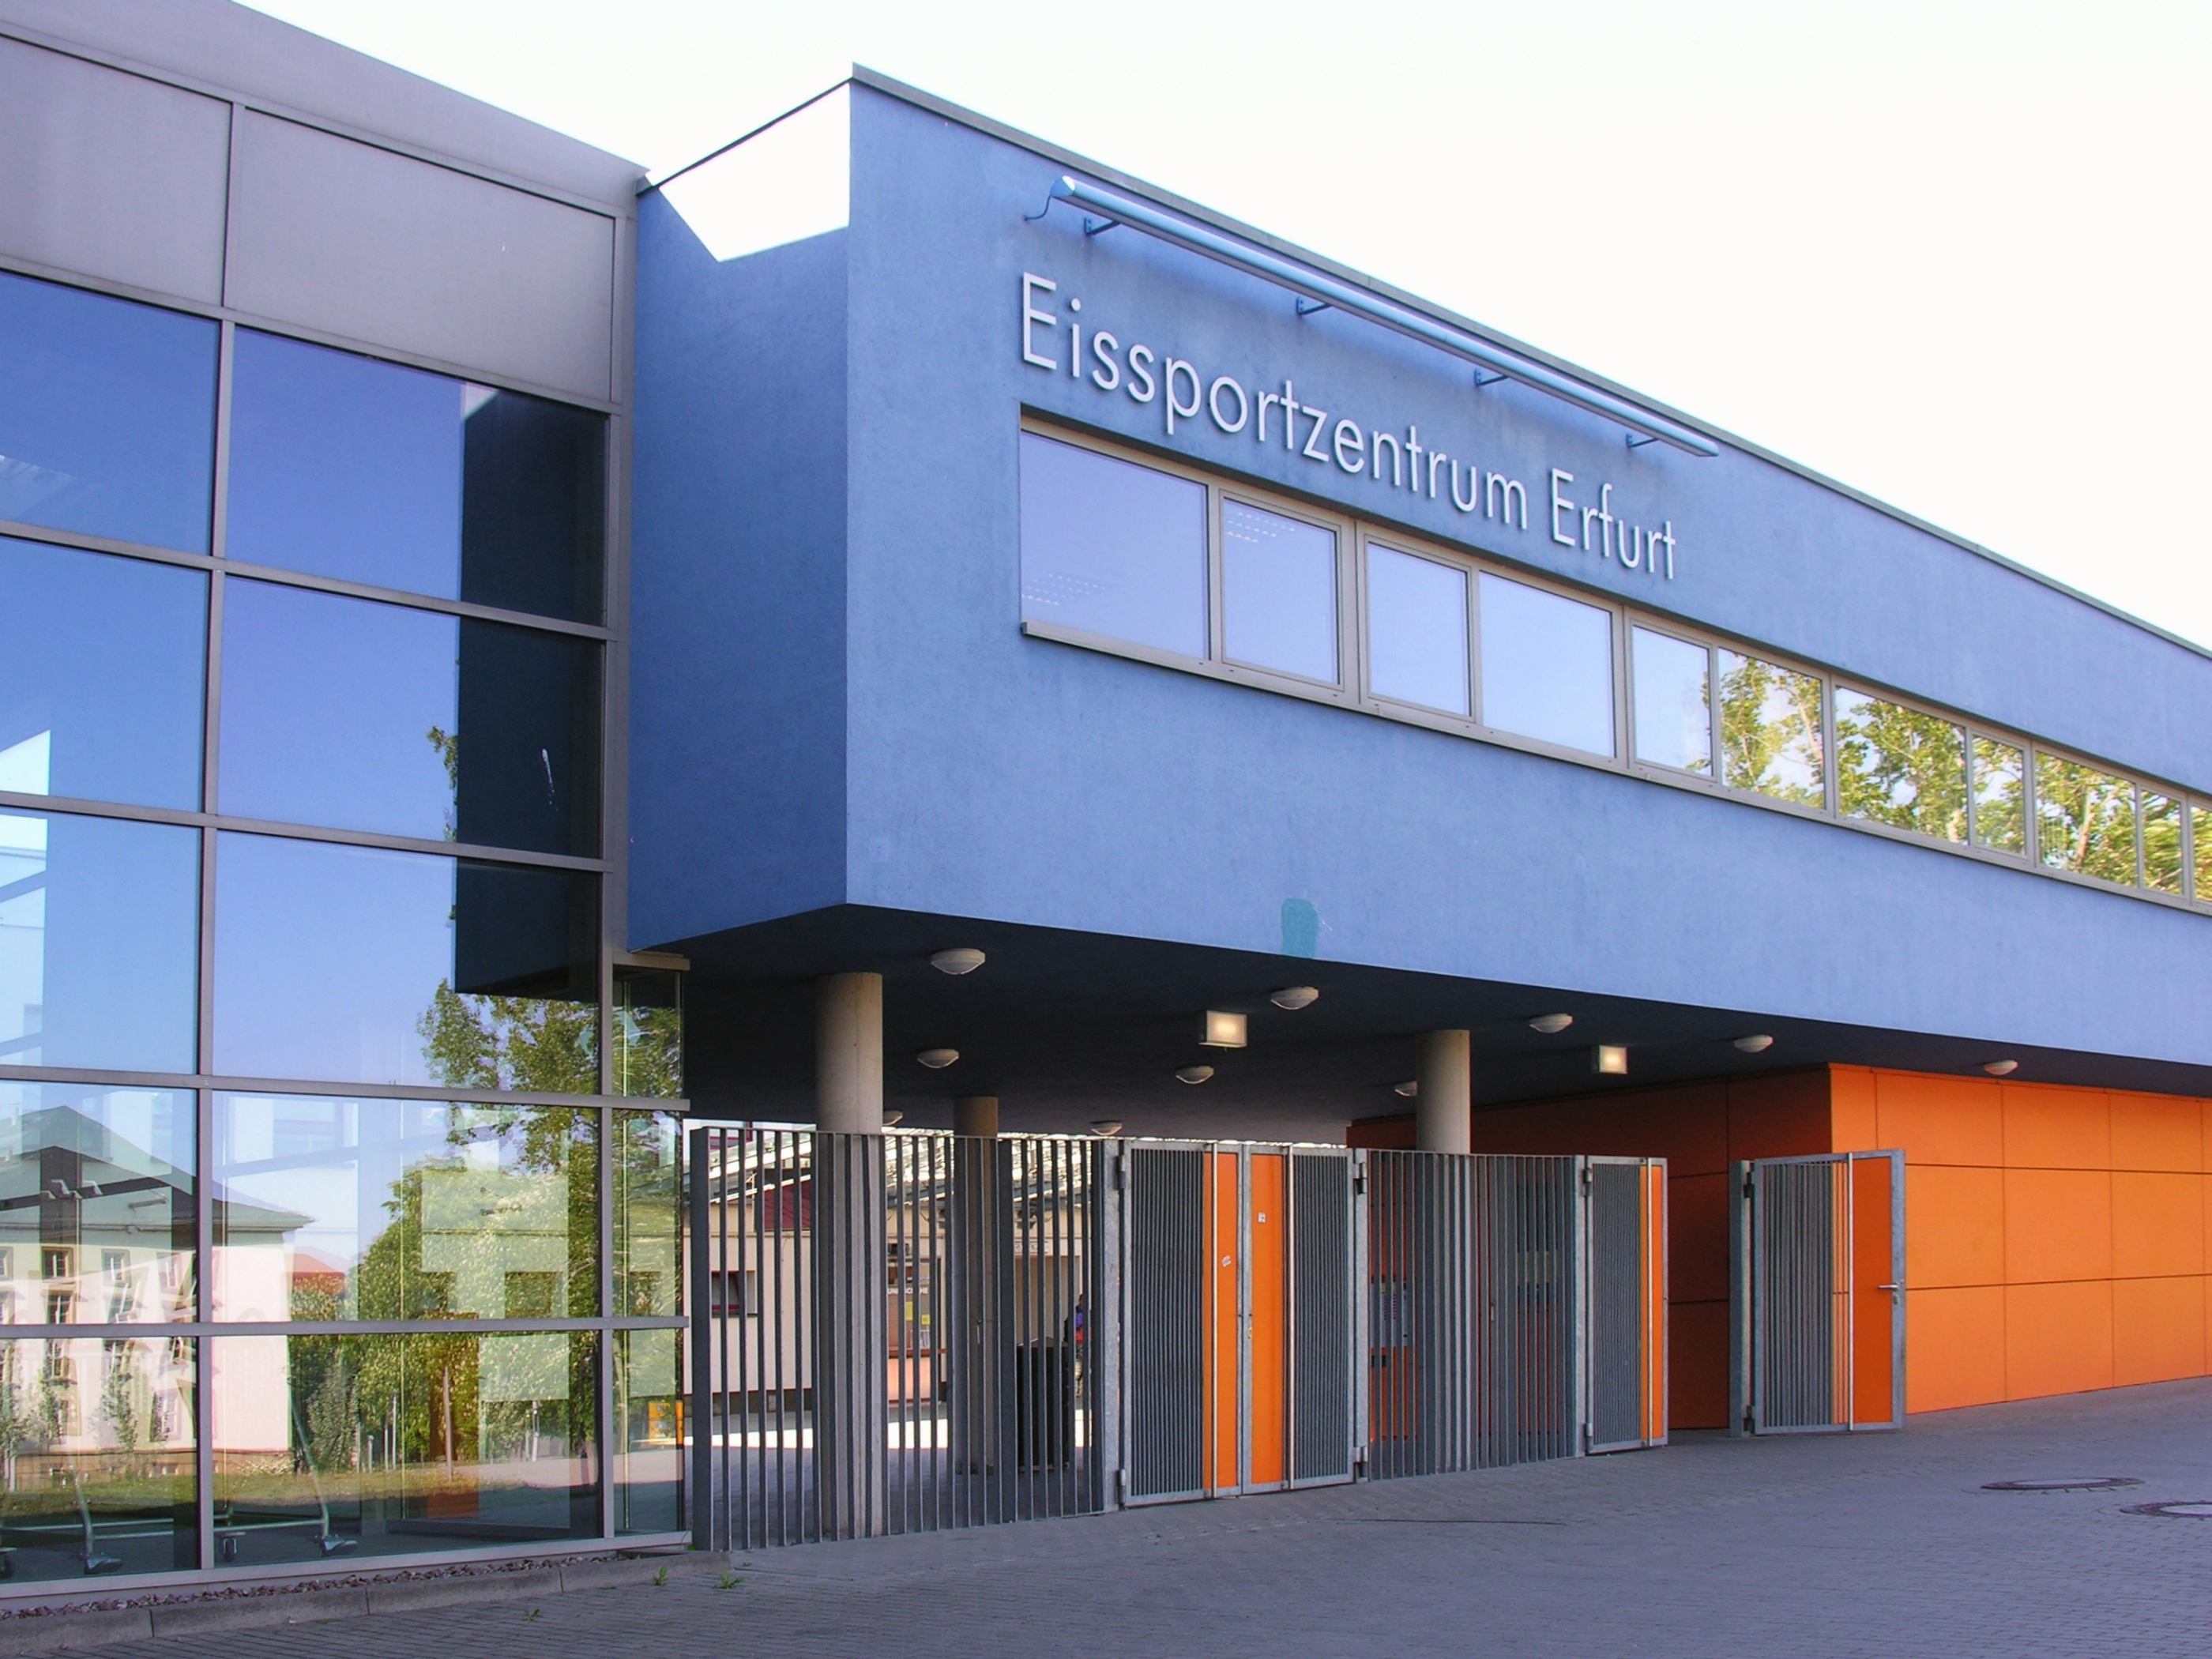 Eissportzentrum Erfurt